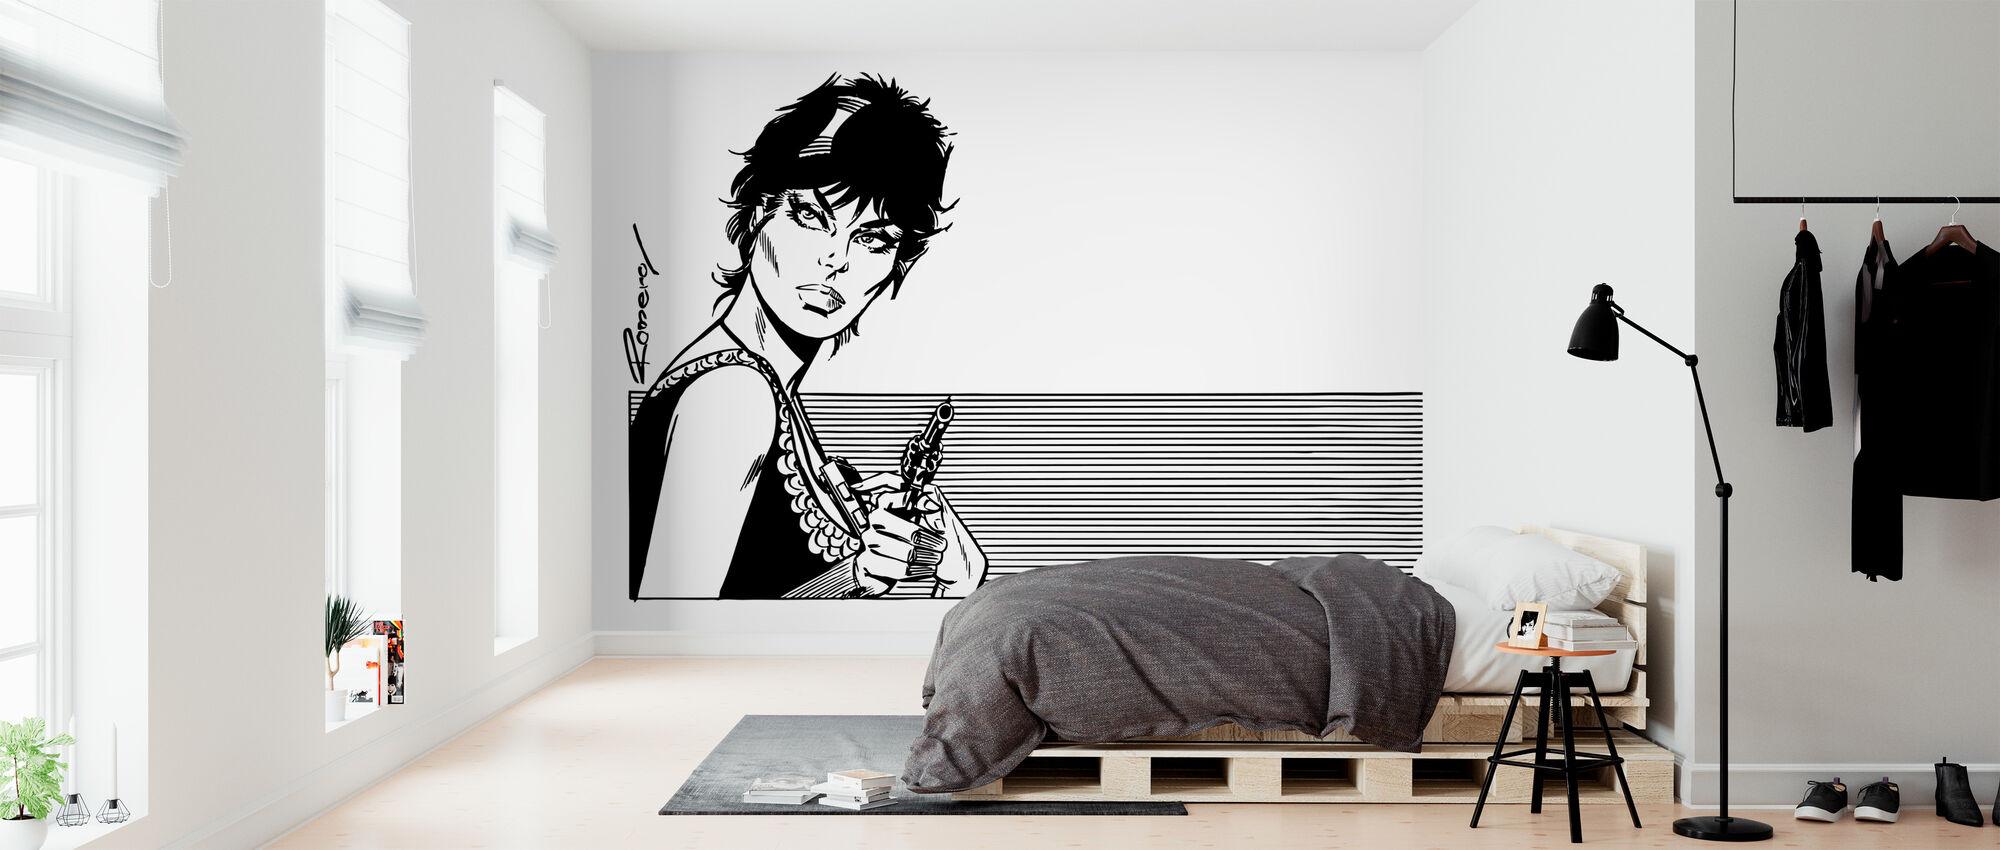 Bescheidenheid met pistool - Behang - Slaapkamer